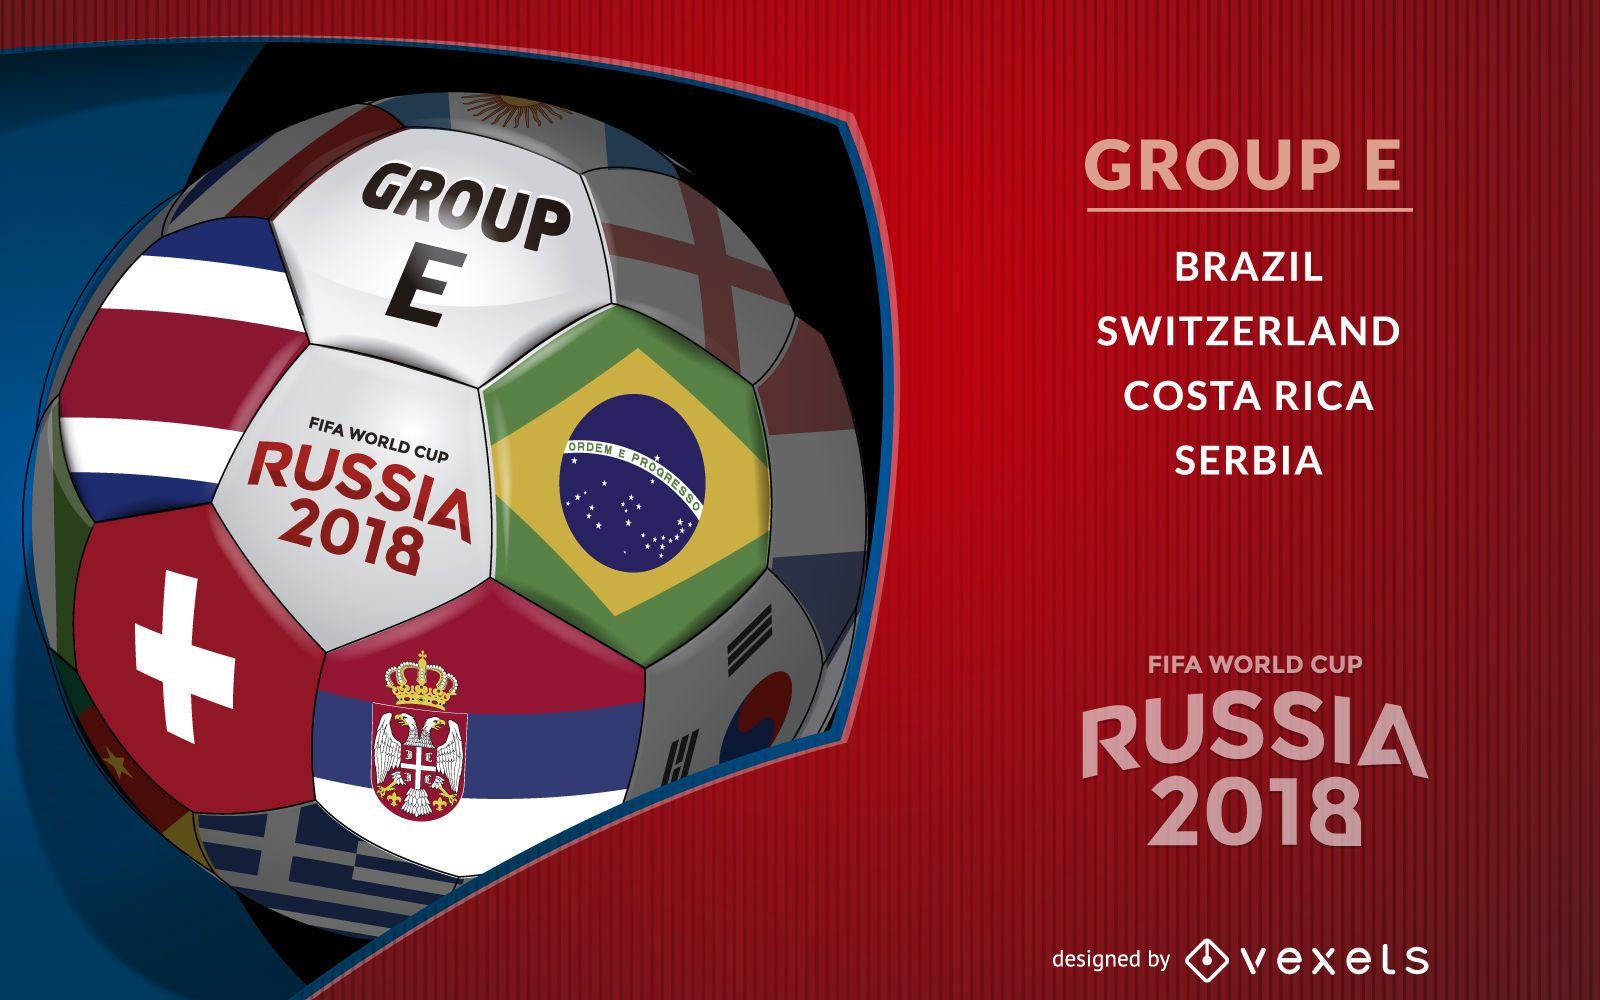 Russia 2018 Group E design